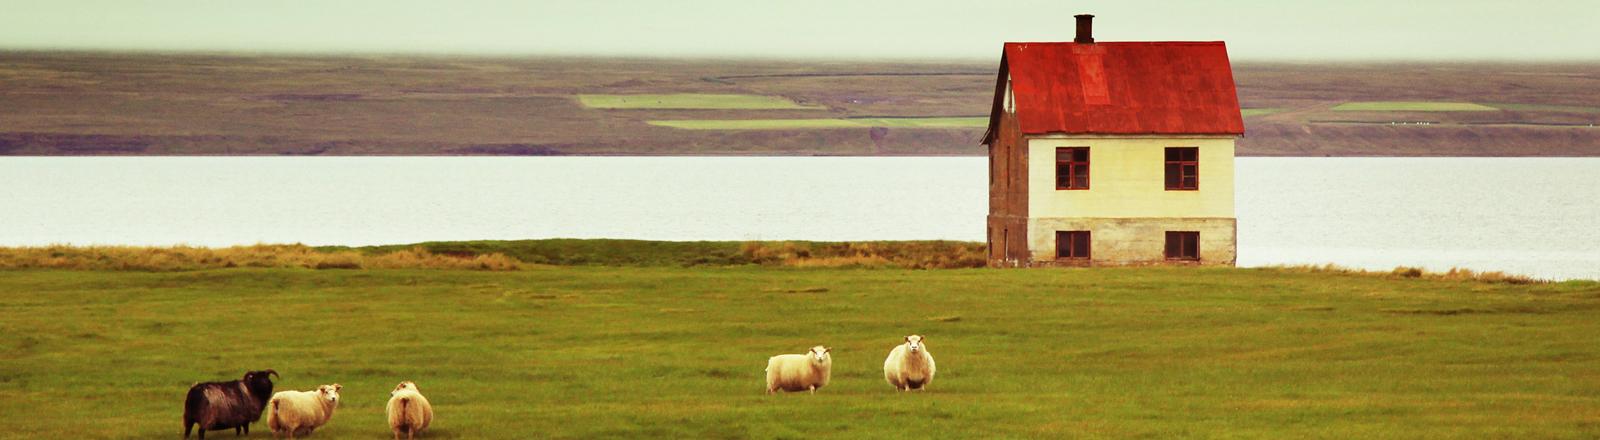 Ein einsames Haus in Island mit einigen Schafen auf der Wiese.